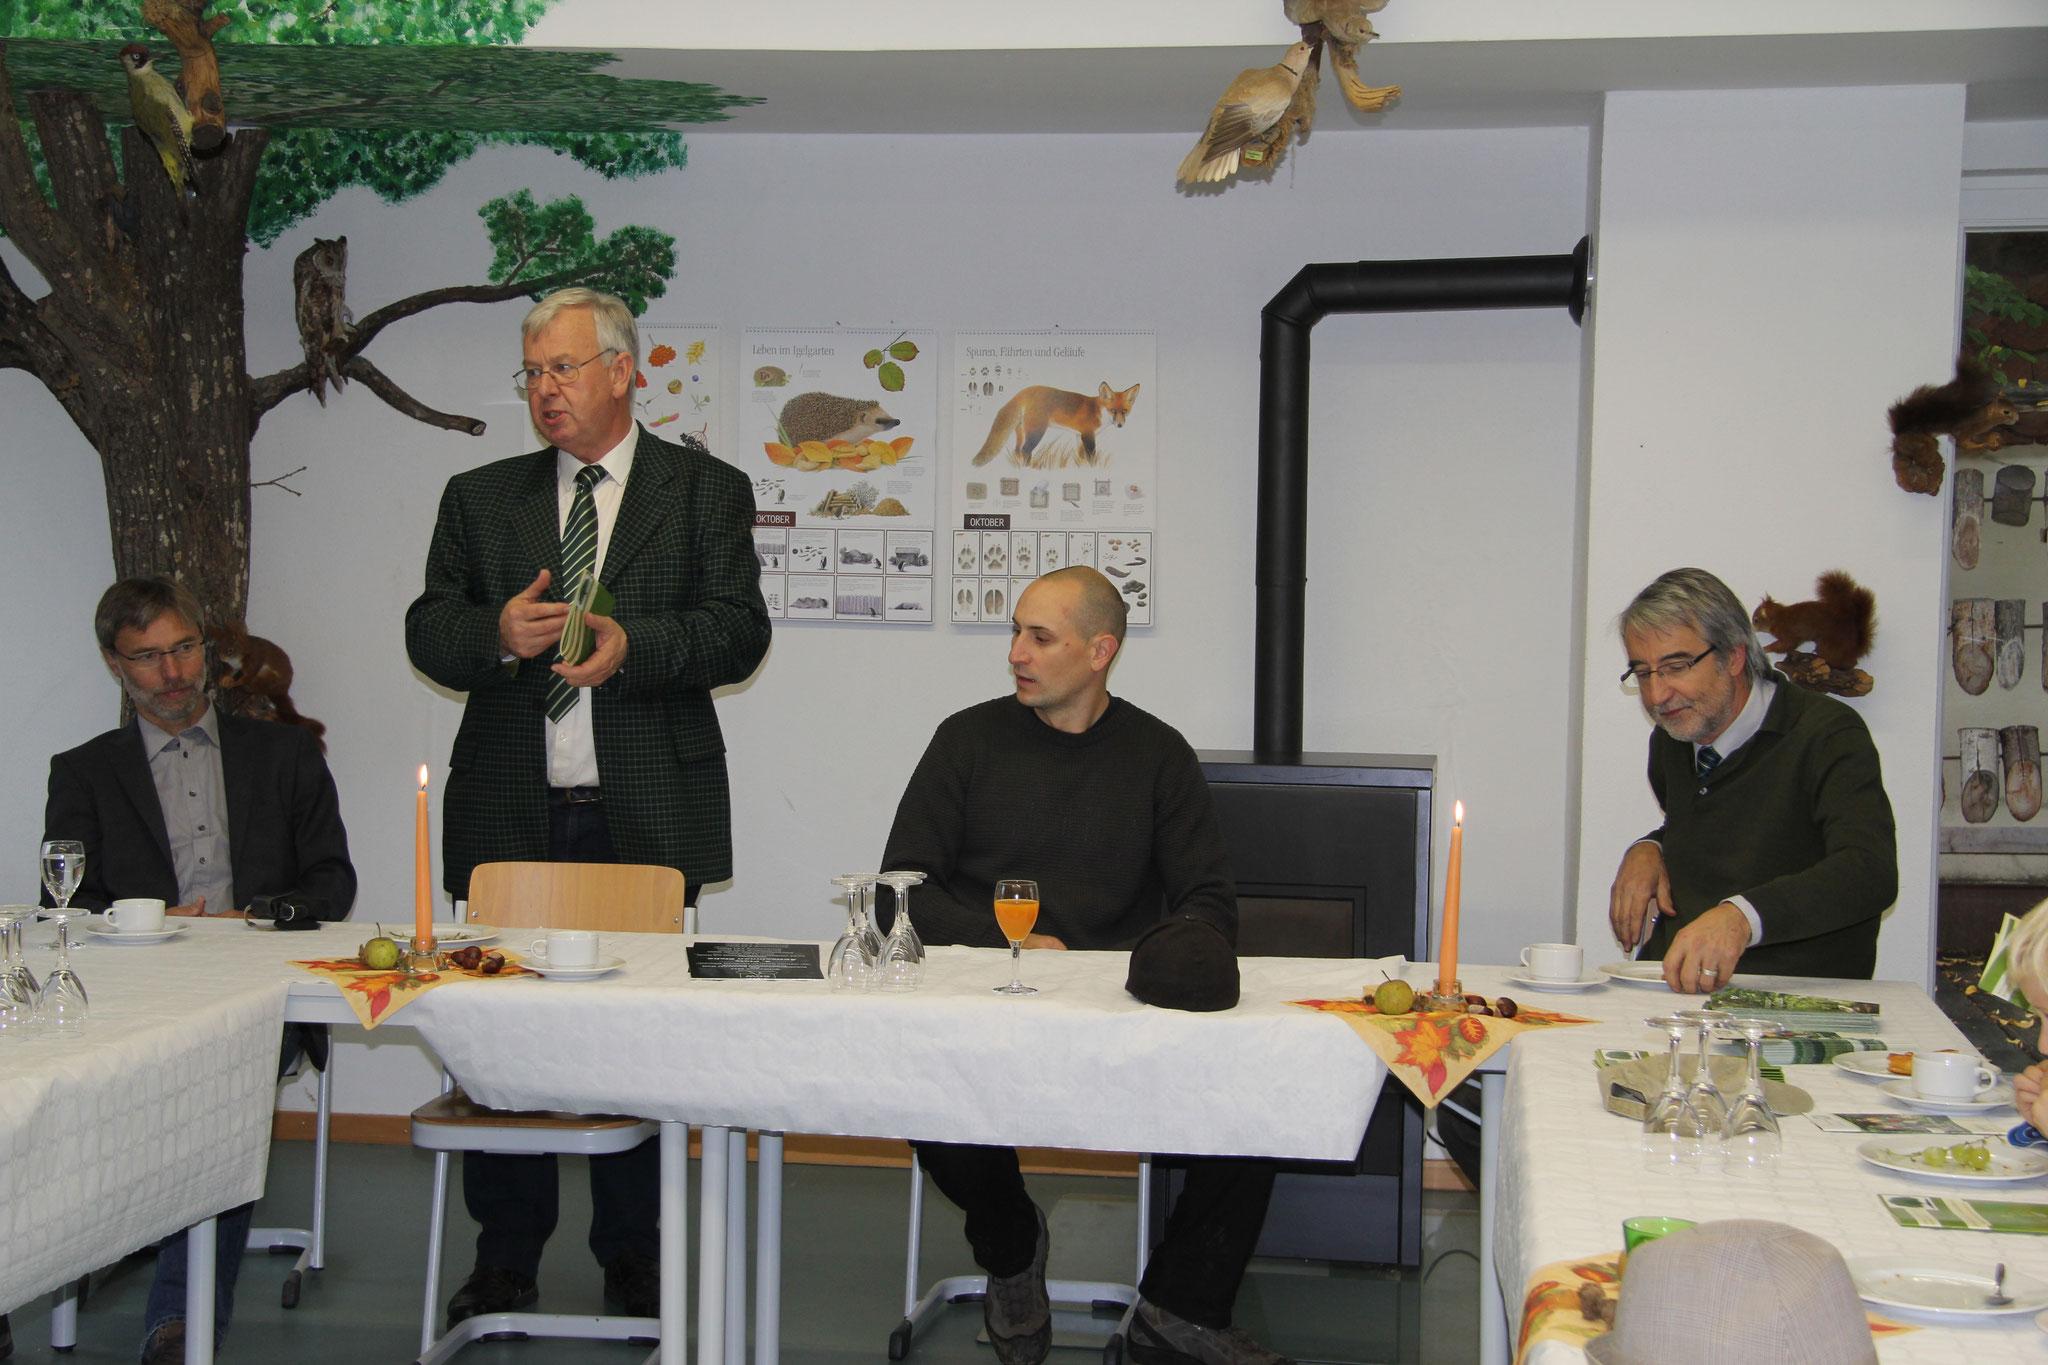 die Übergabe der Preise durch den Kreisvorsitzenden Werner Gebele der SDW BC in der Waldschule Fürstenwaldschule